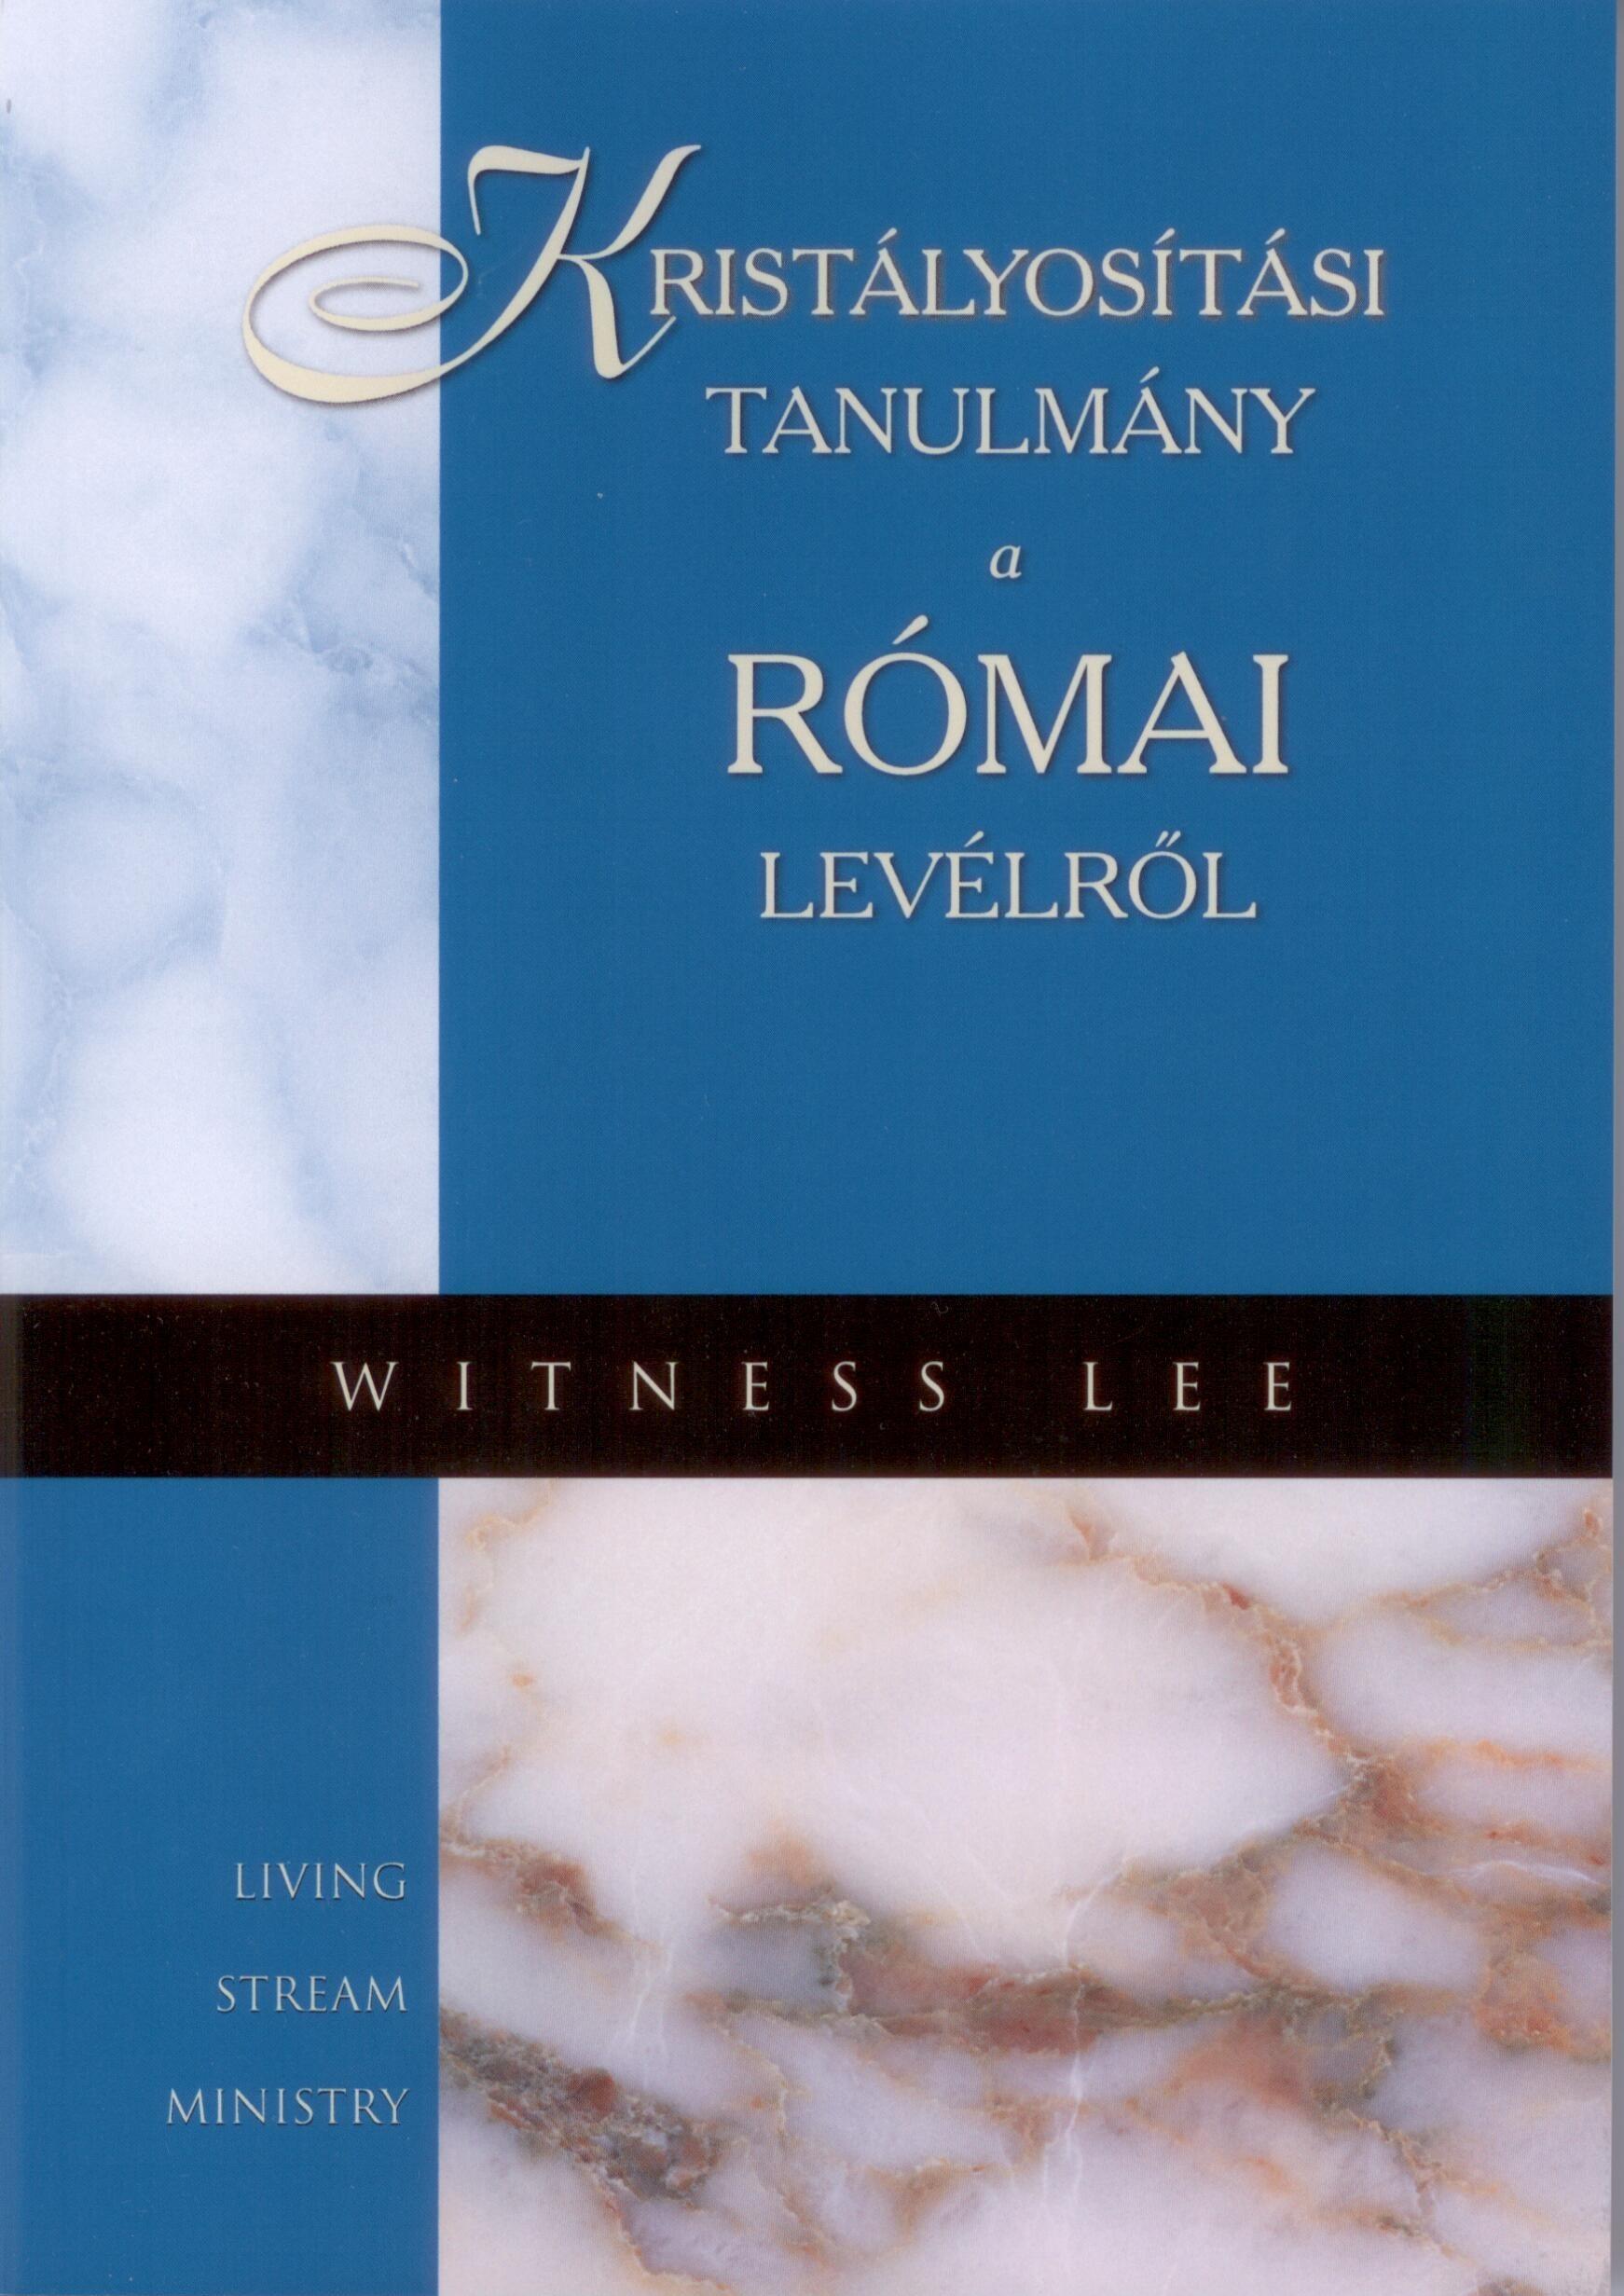 KRISTÁLYOSÍTÁSI TANULMÁNY A RÓMAI LEVÉLRÕL